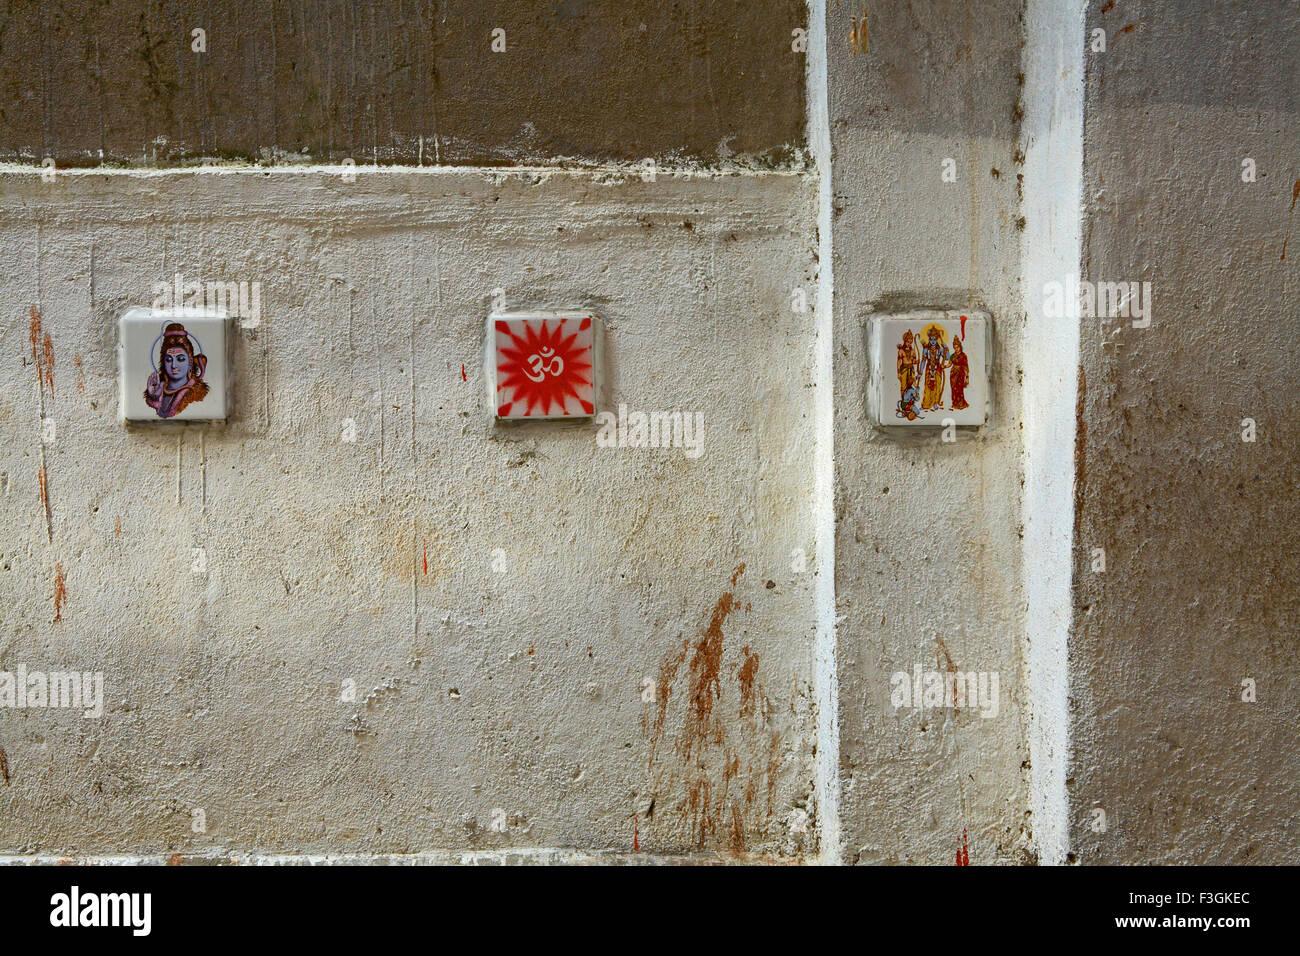 D'empêcher les gens de cracher des images de dieux et symboles religieux peint murs lieu public ceramicre Photo Stock